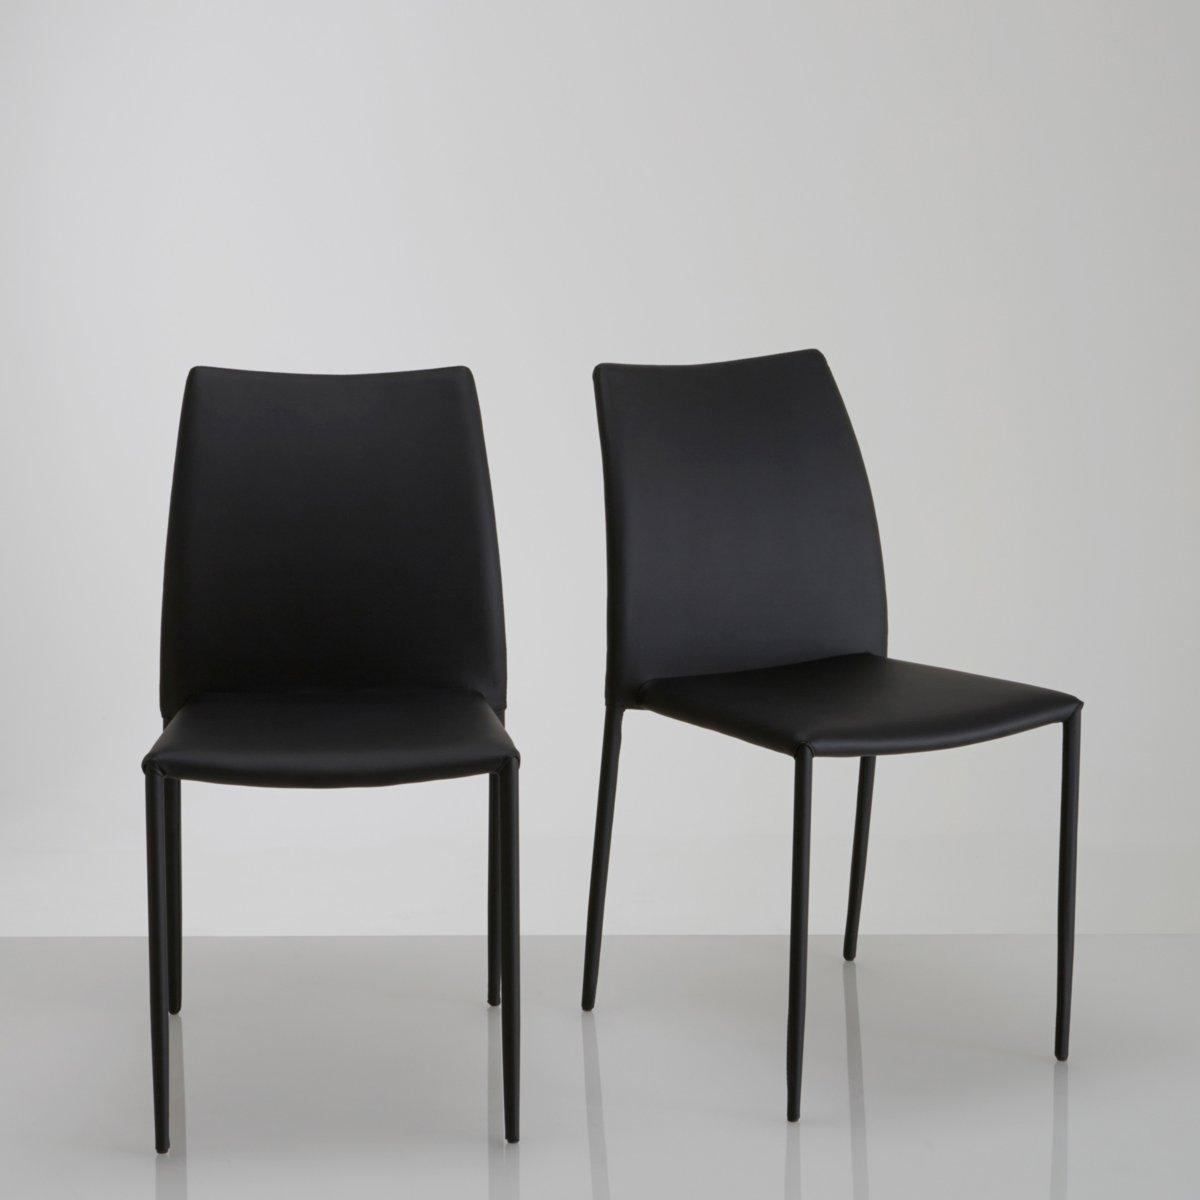 Комплект из 2 дизайнерских стульев Newark